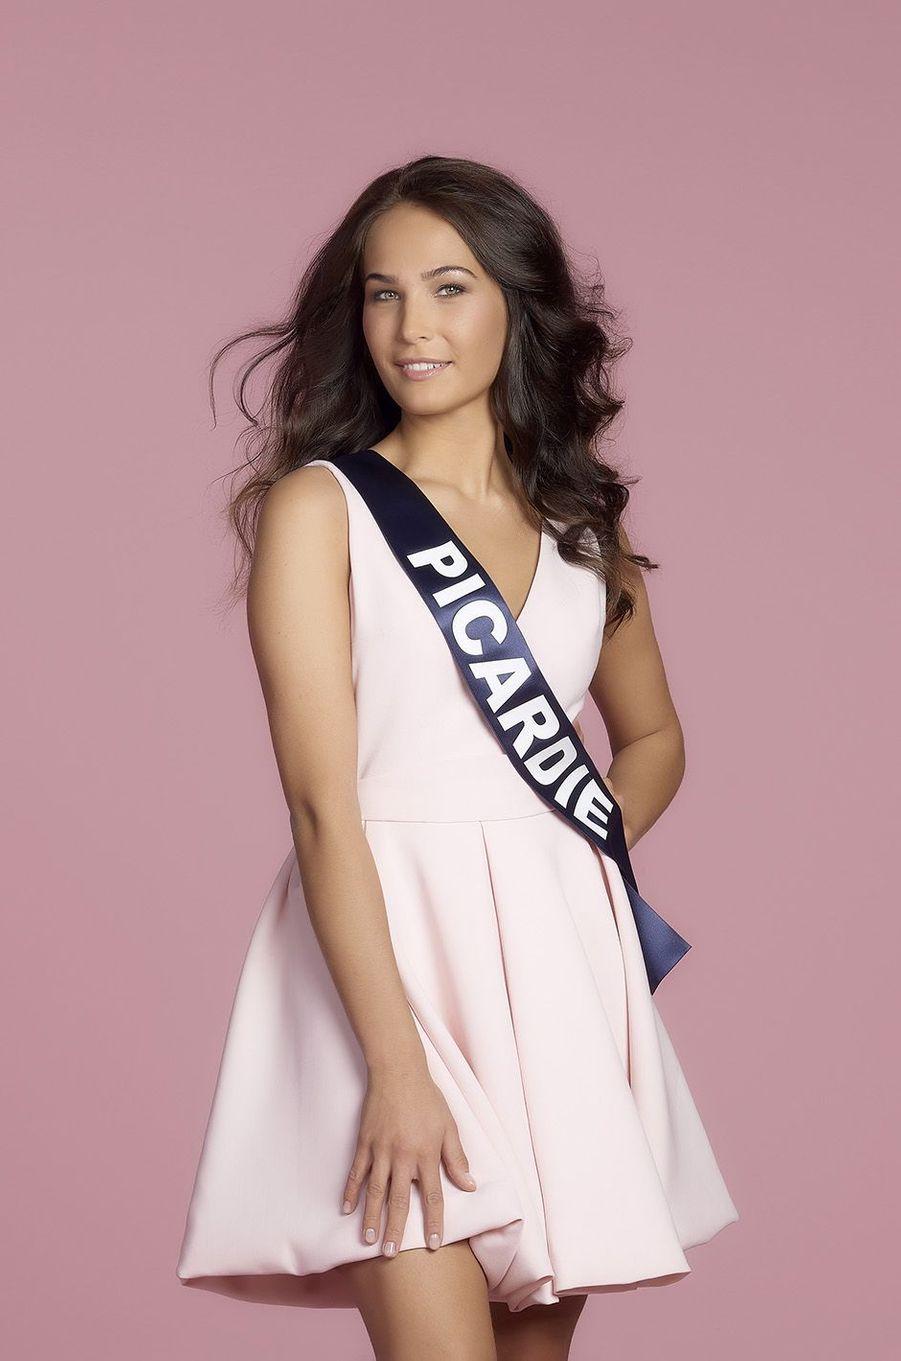 Paoulina Prylutska, Miss Picardie.